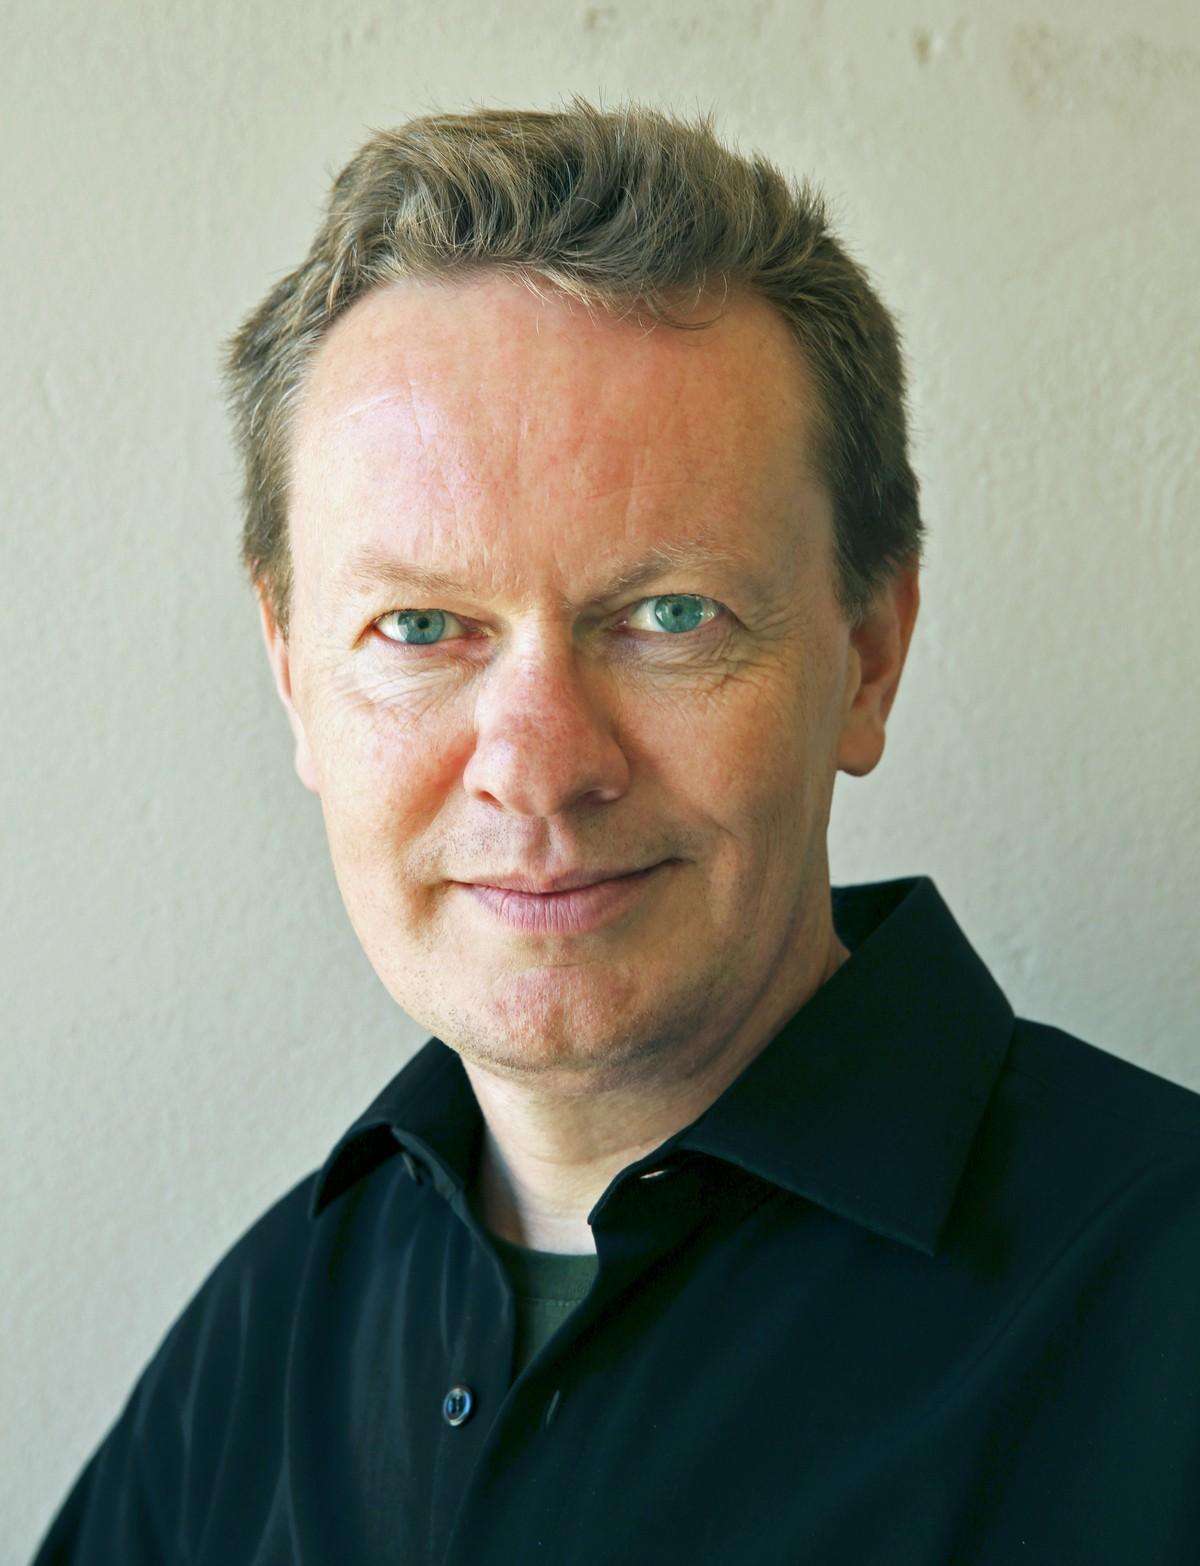 Wildenveys poesipris til Opstad   Den norske